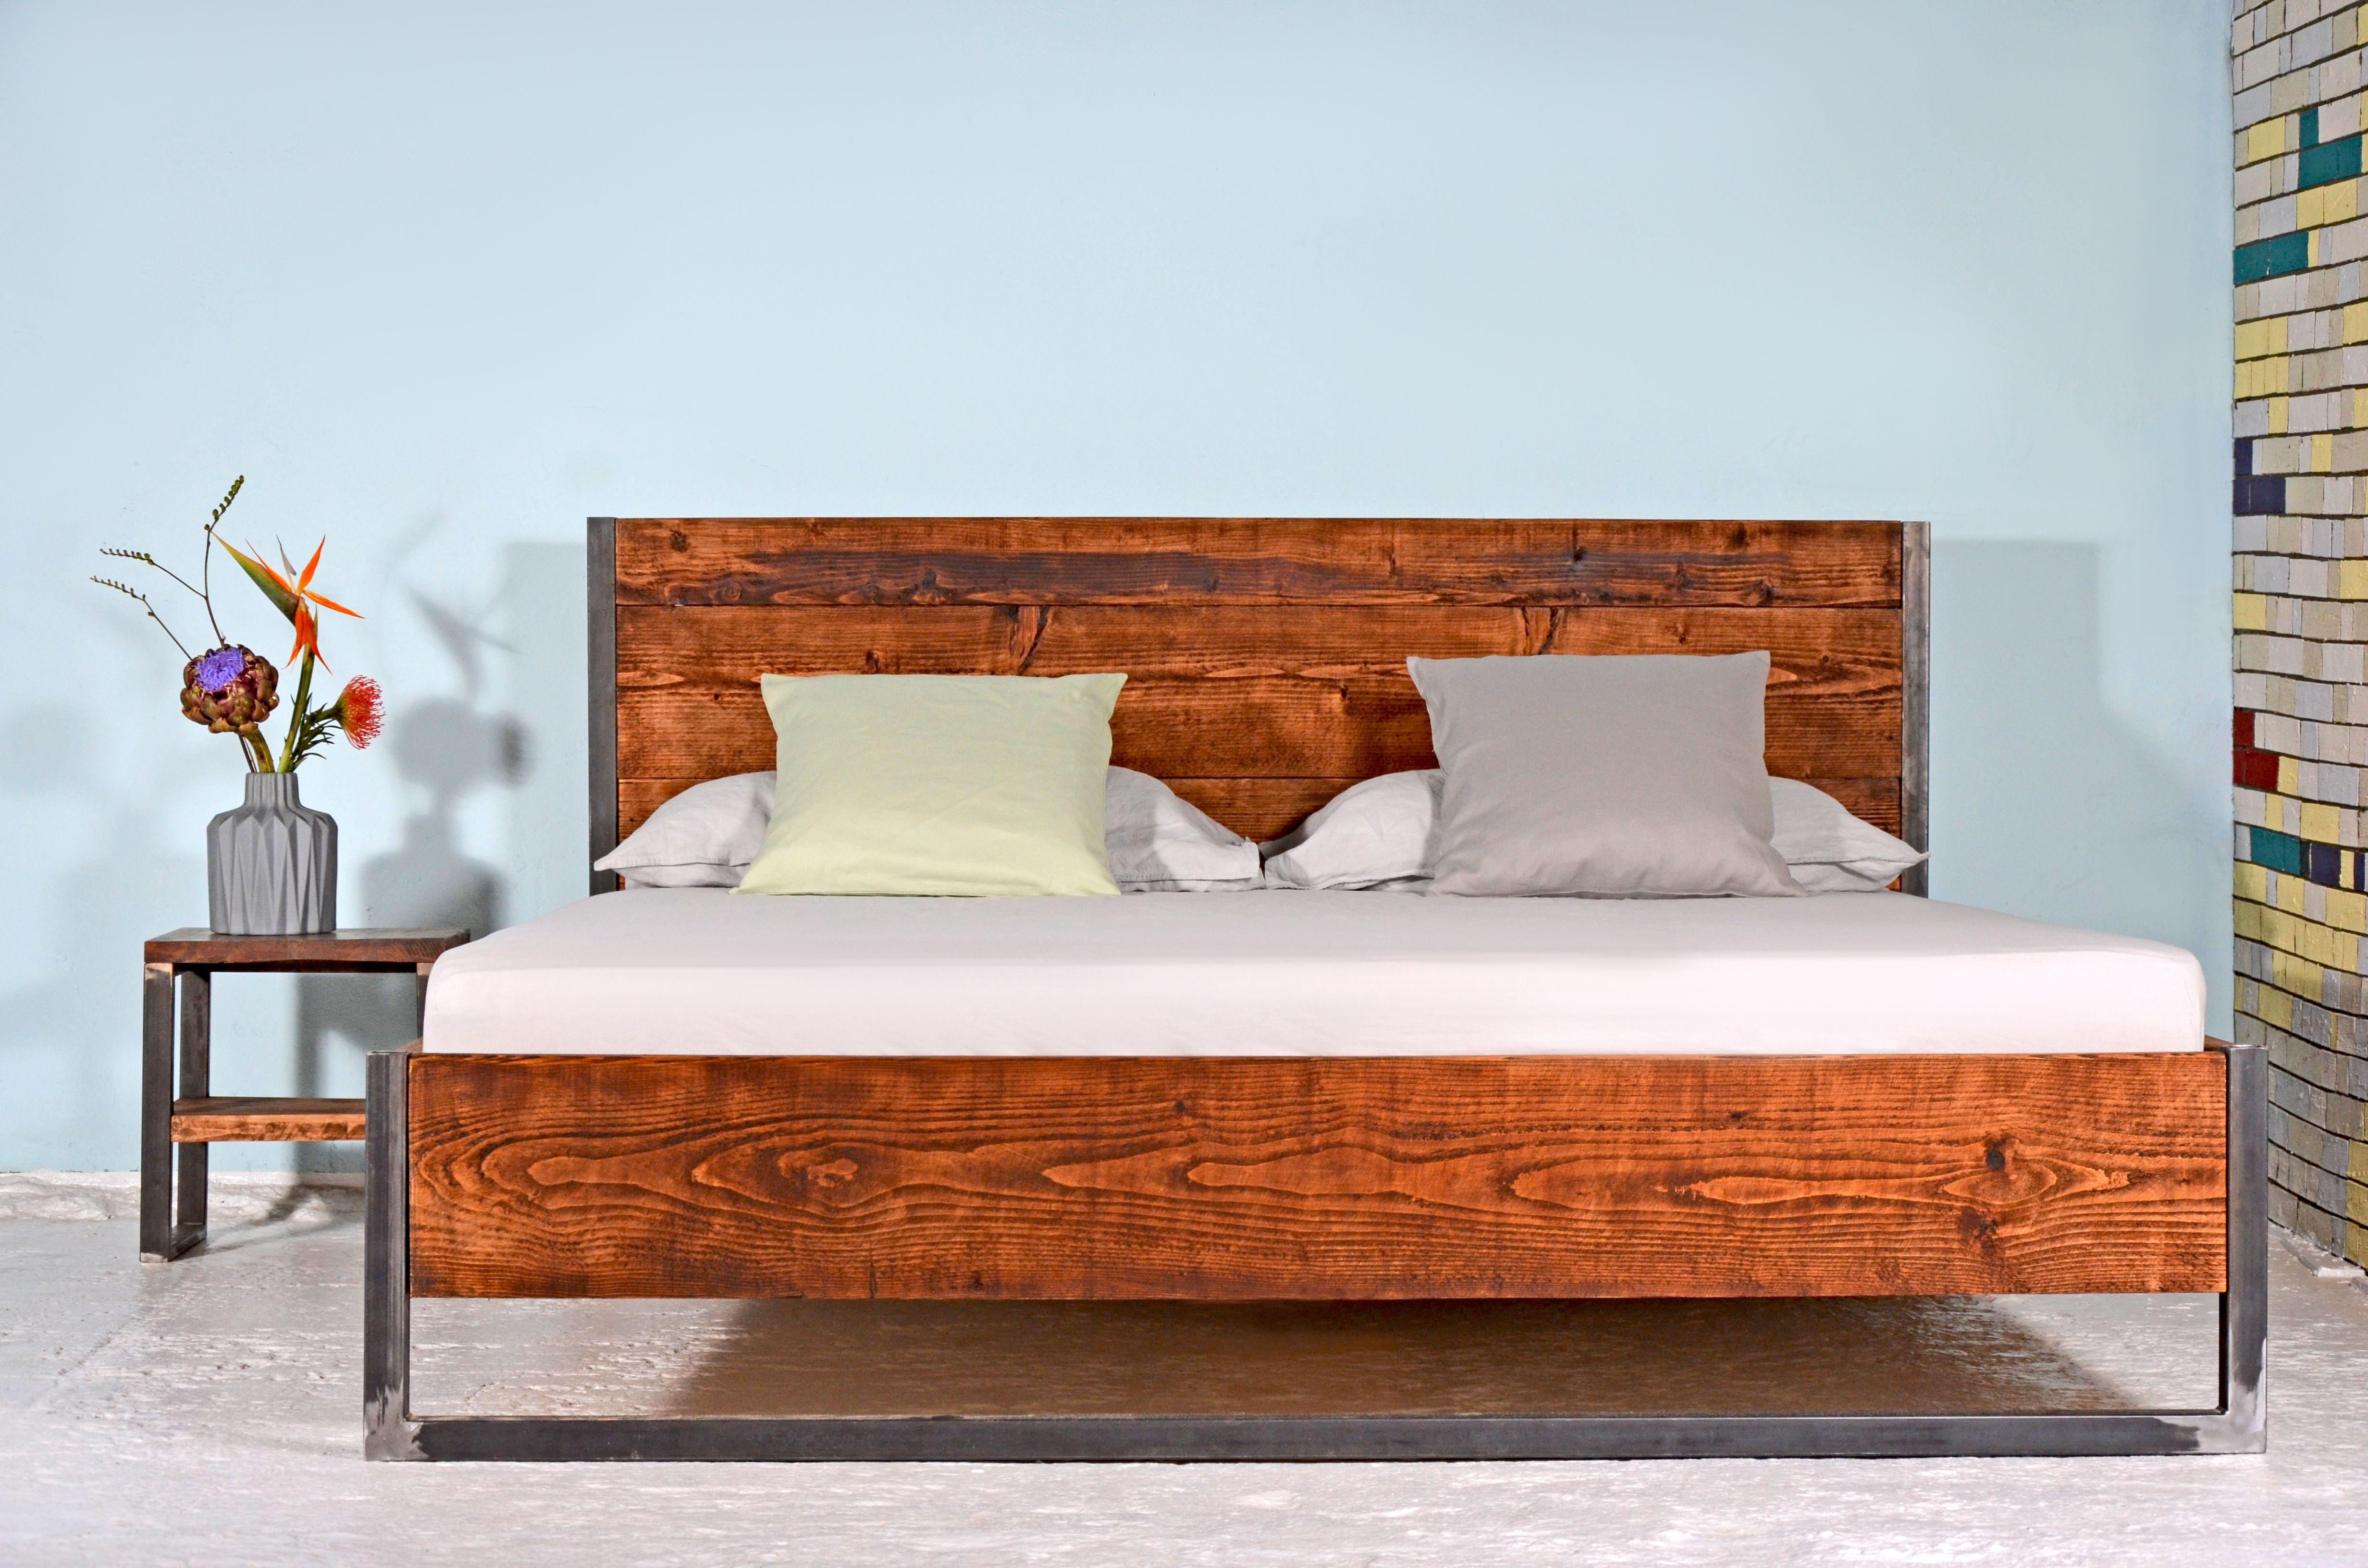 Bett RUSTREL RÄUCHEREICHE | Beds | Pinterest | Bauholz, Bett und Stahl